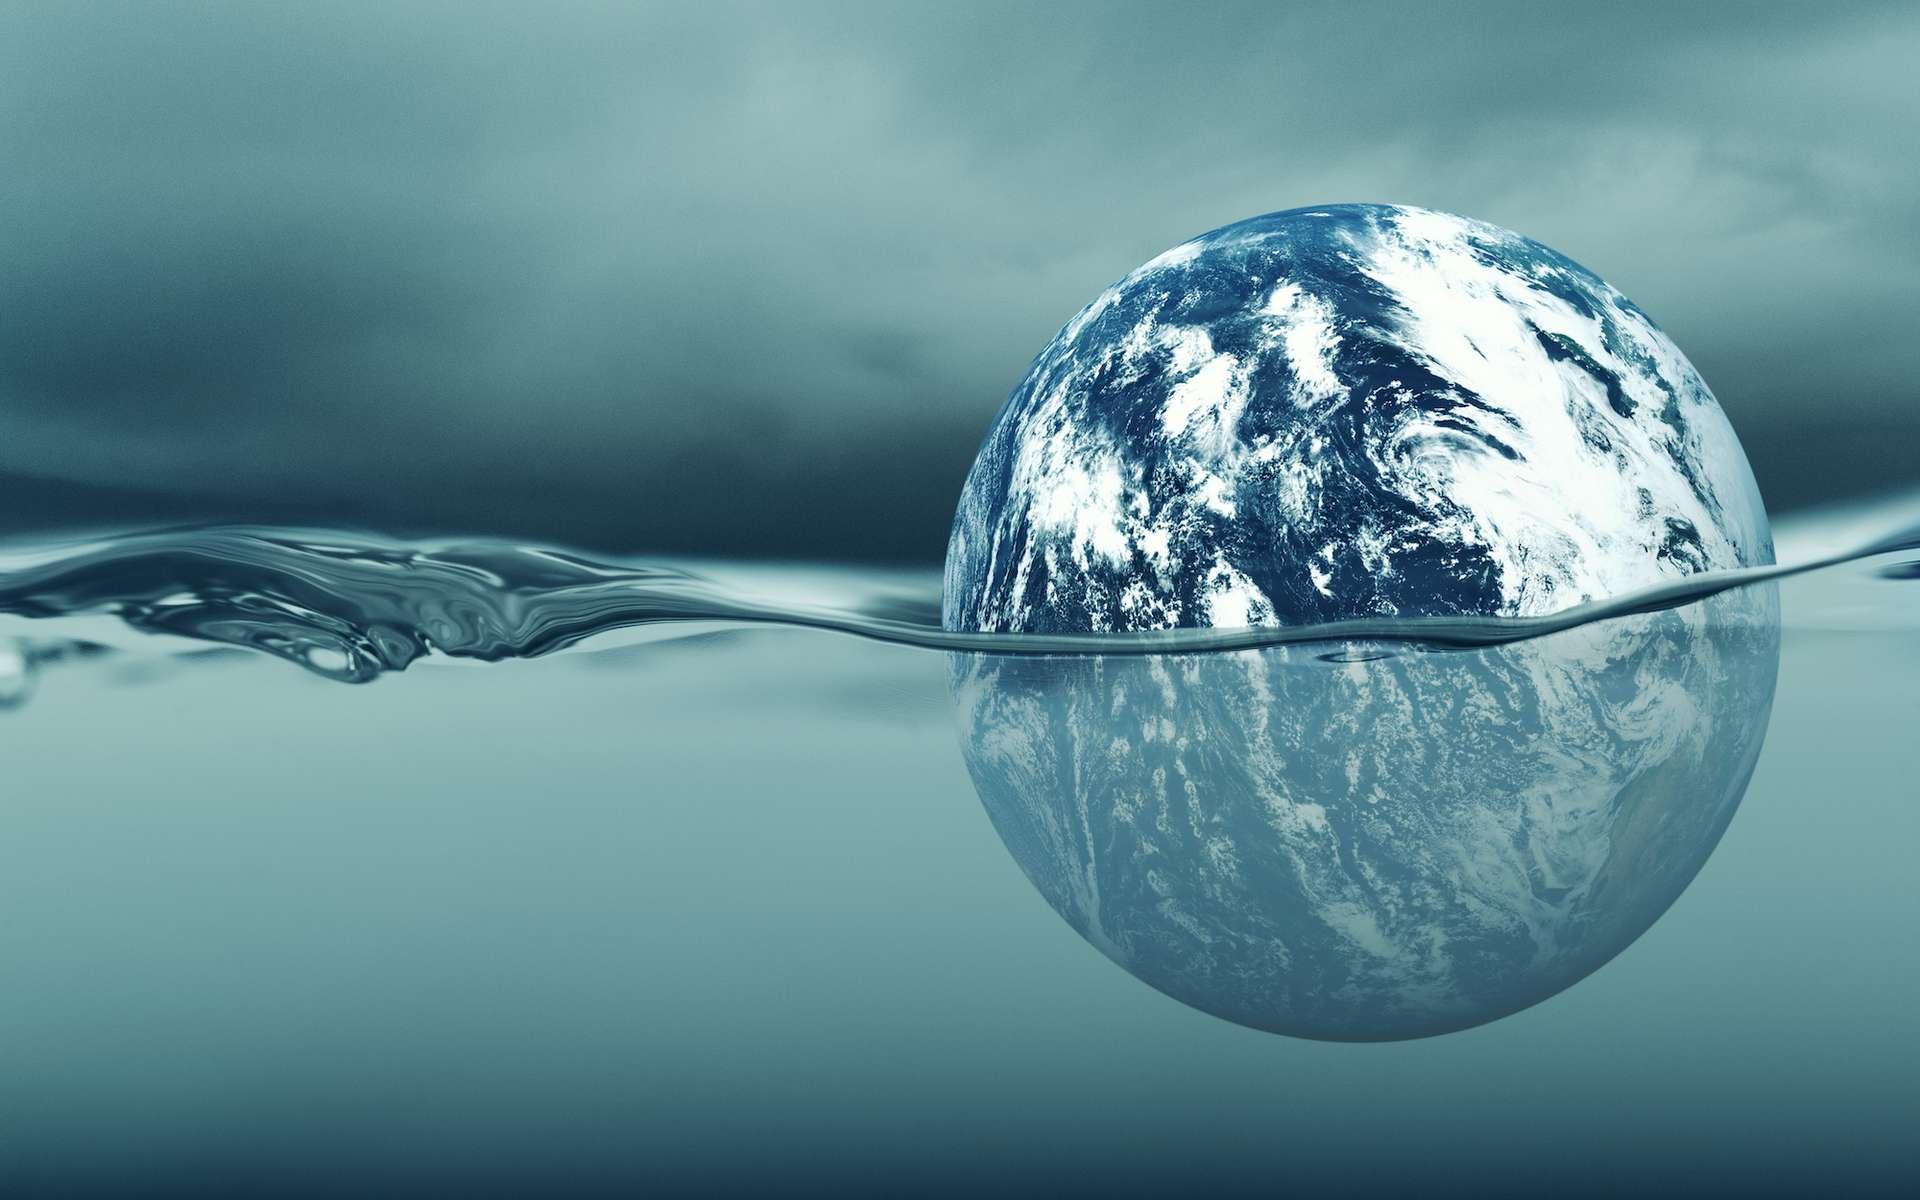 Le plancher océanique se déforme sous le poids des océans en augmentation. © freie-kreation, Adobe Stock